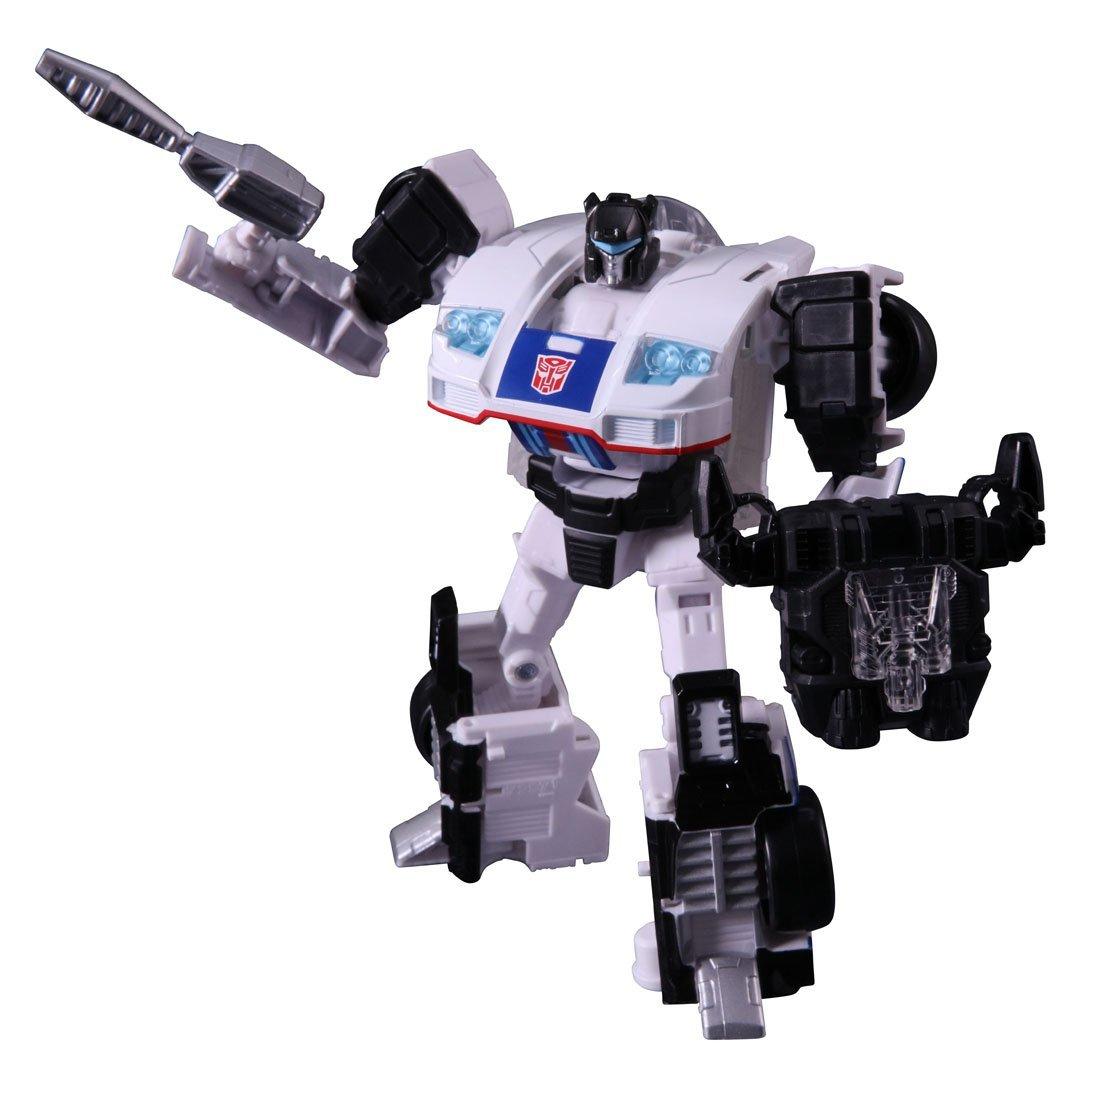 トランスフォーマー パワーオブザプライム PP-07 オートボットジャズ-003